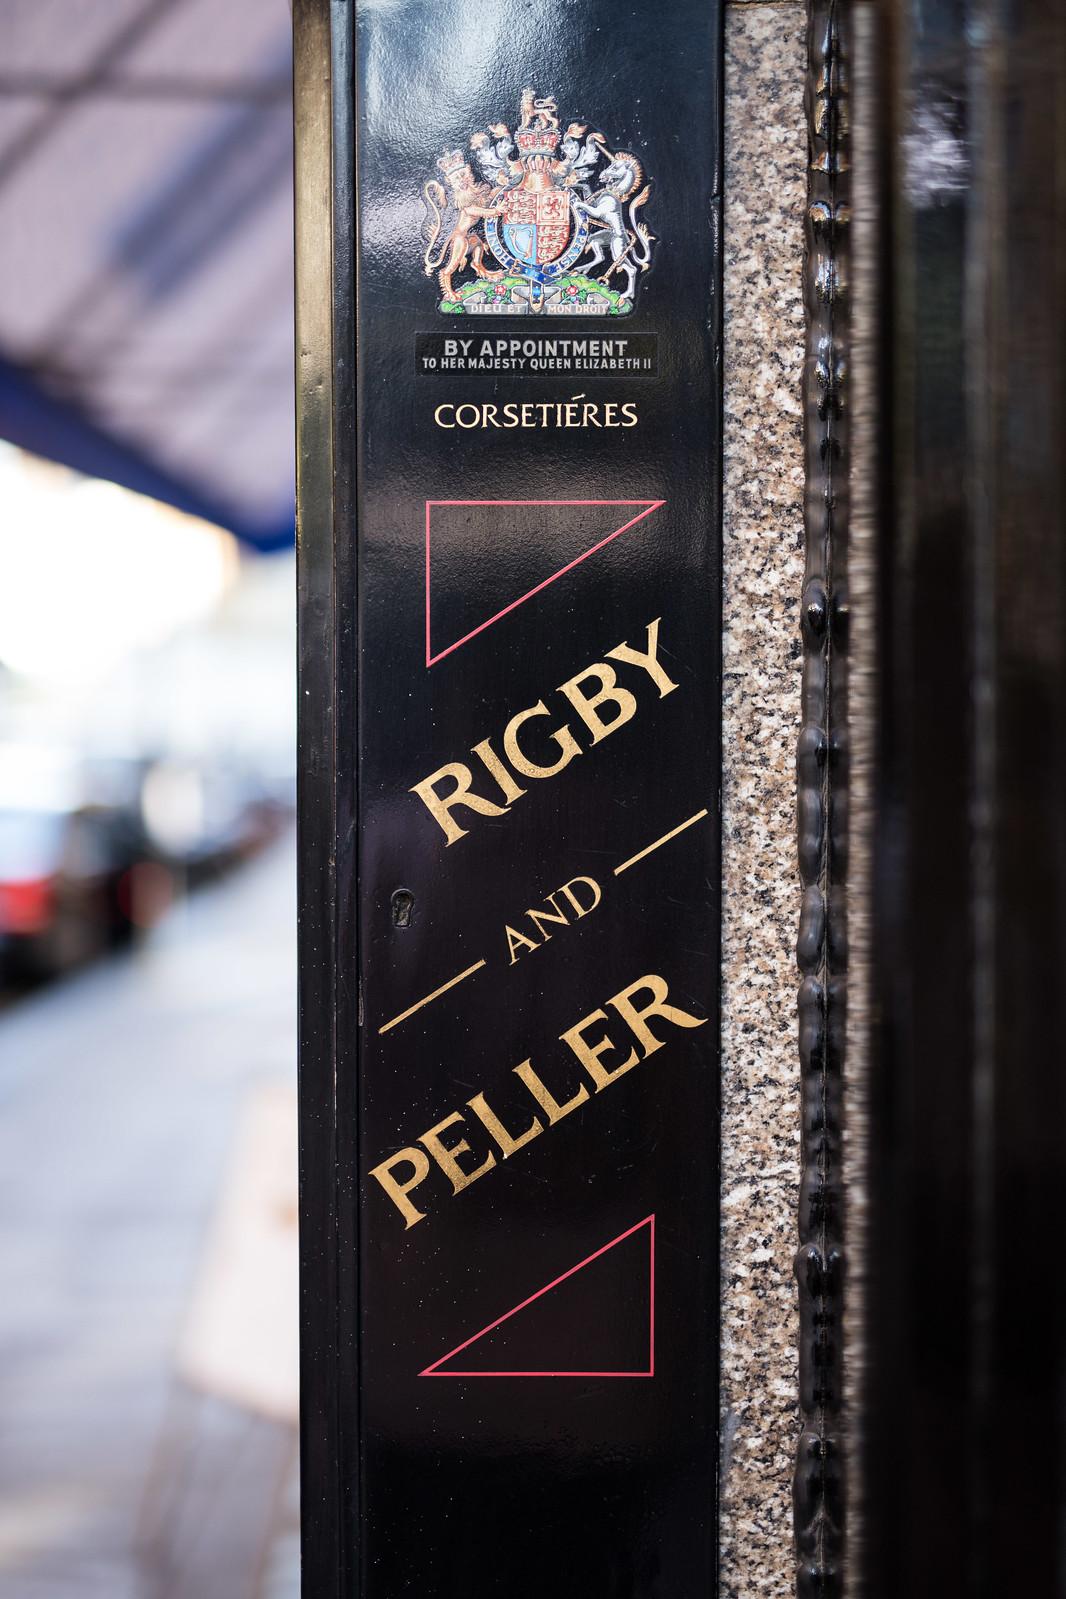 Rigby & Peller, Knightsbridge